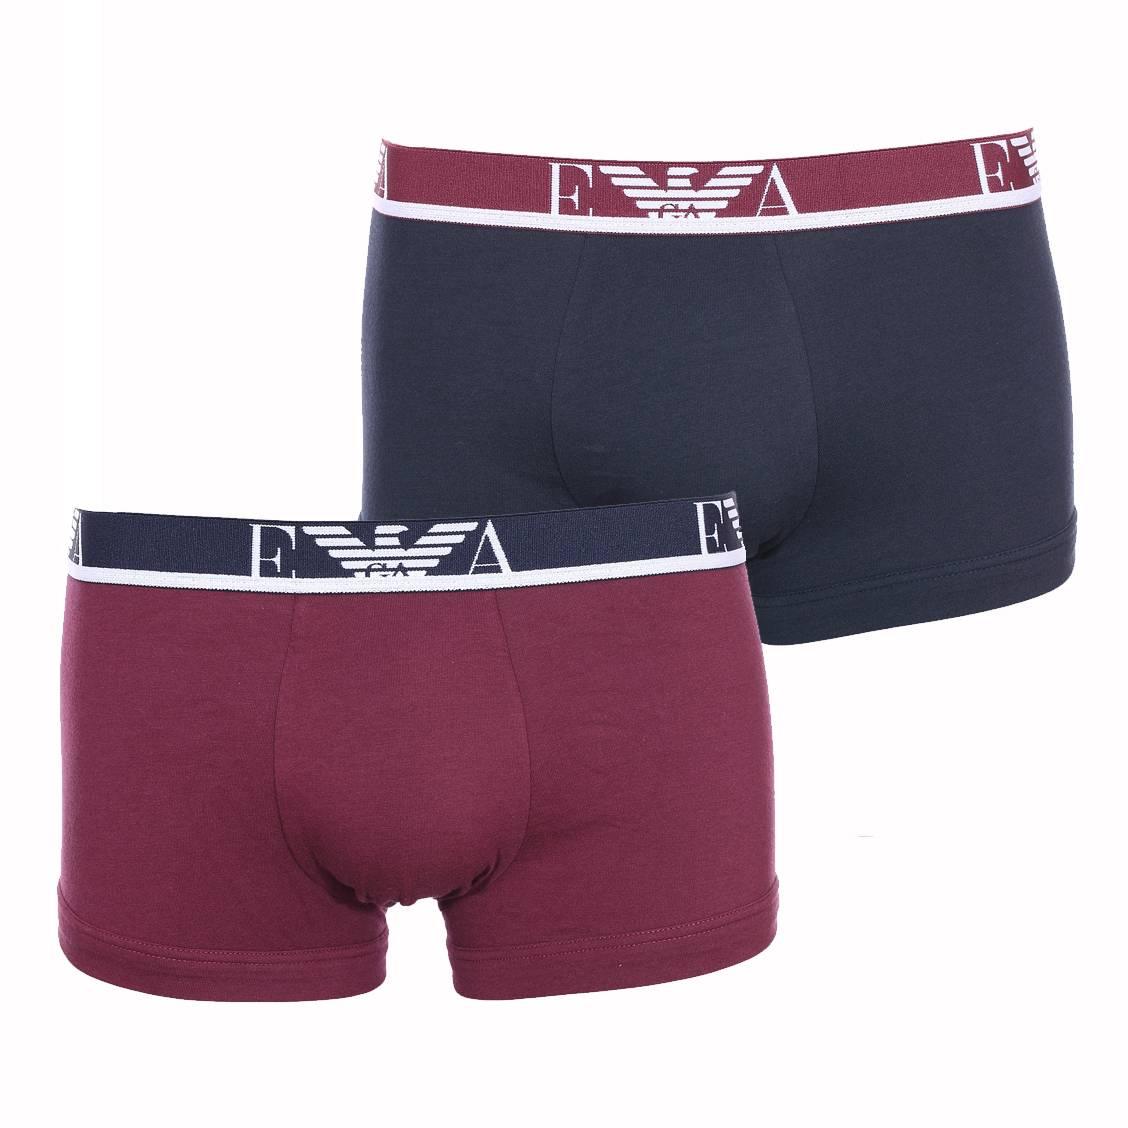 Lot de 2 boxers  en coton stretch bordeaux et bleu marine